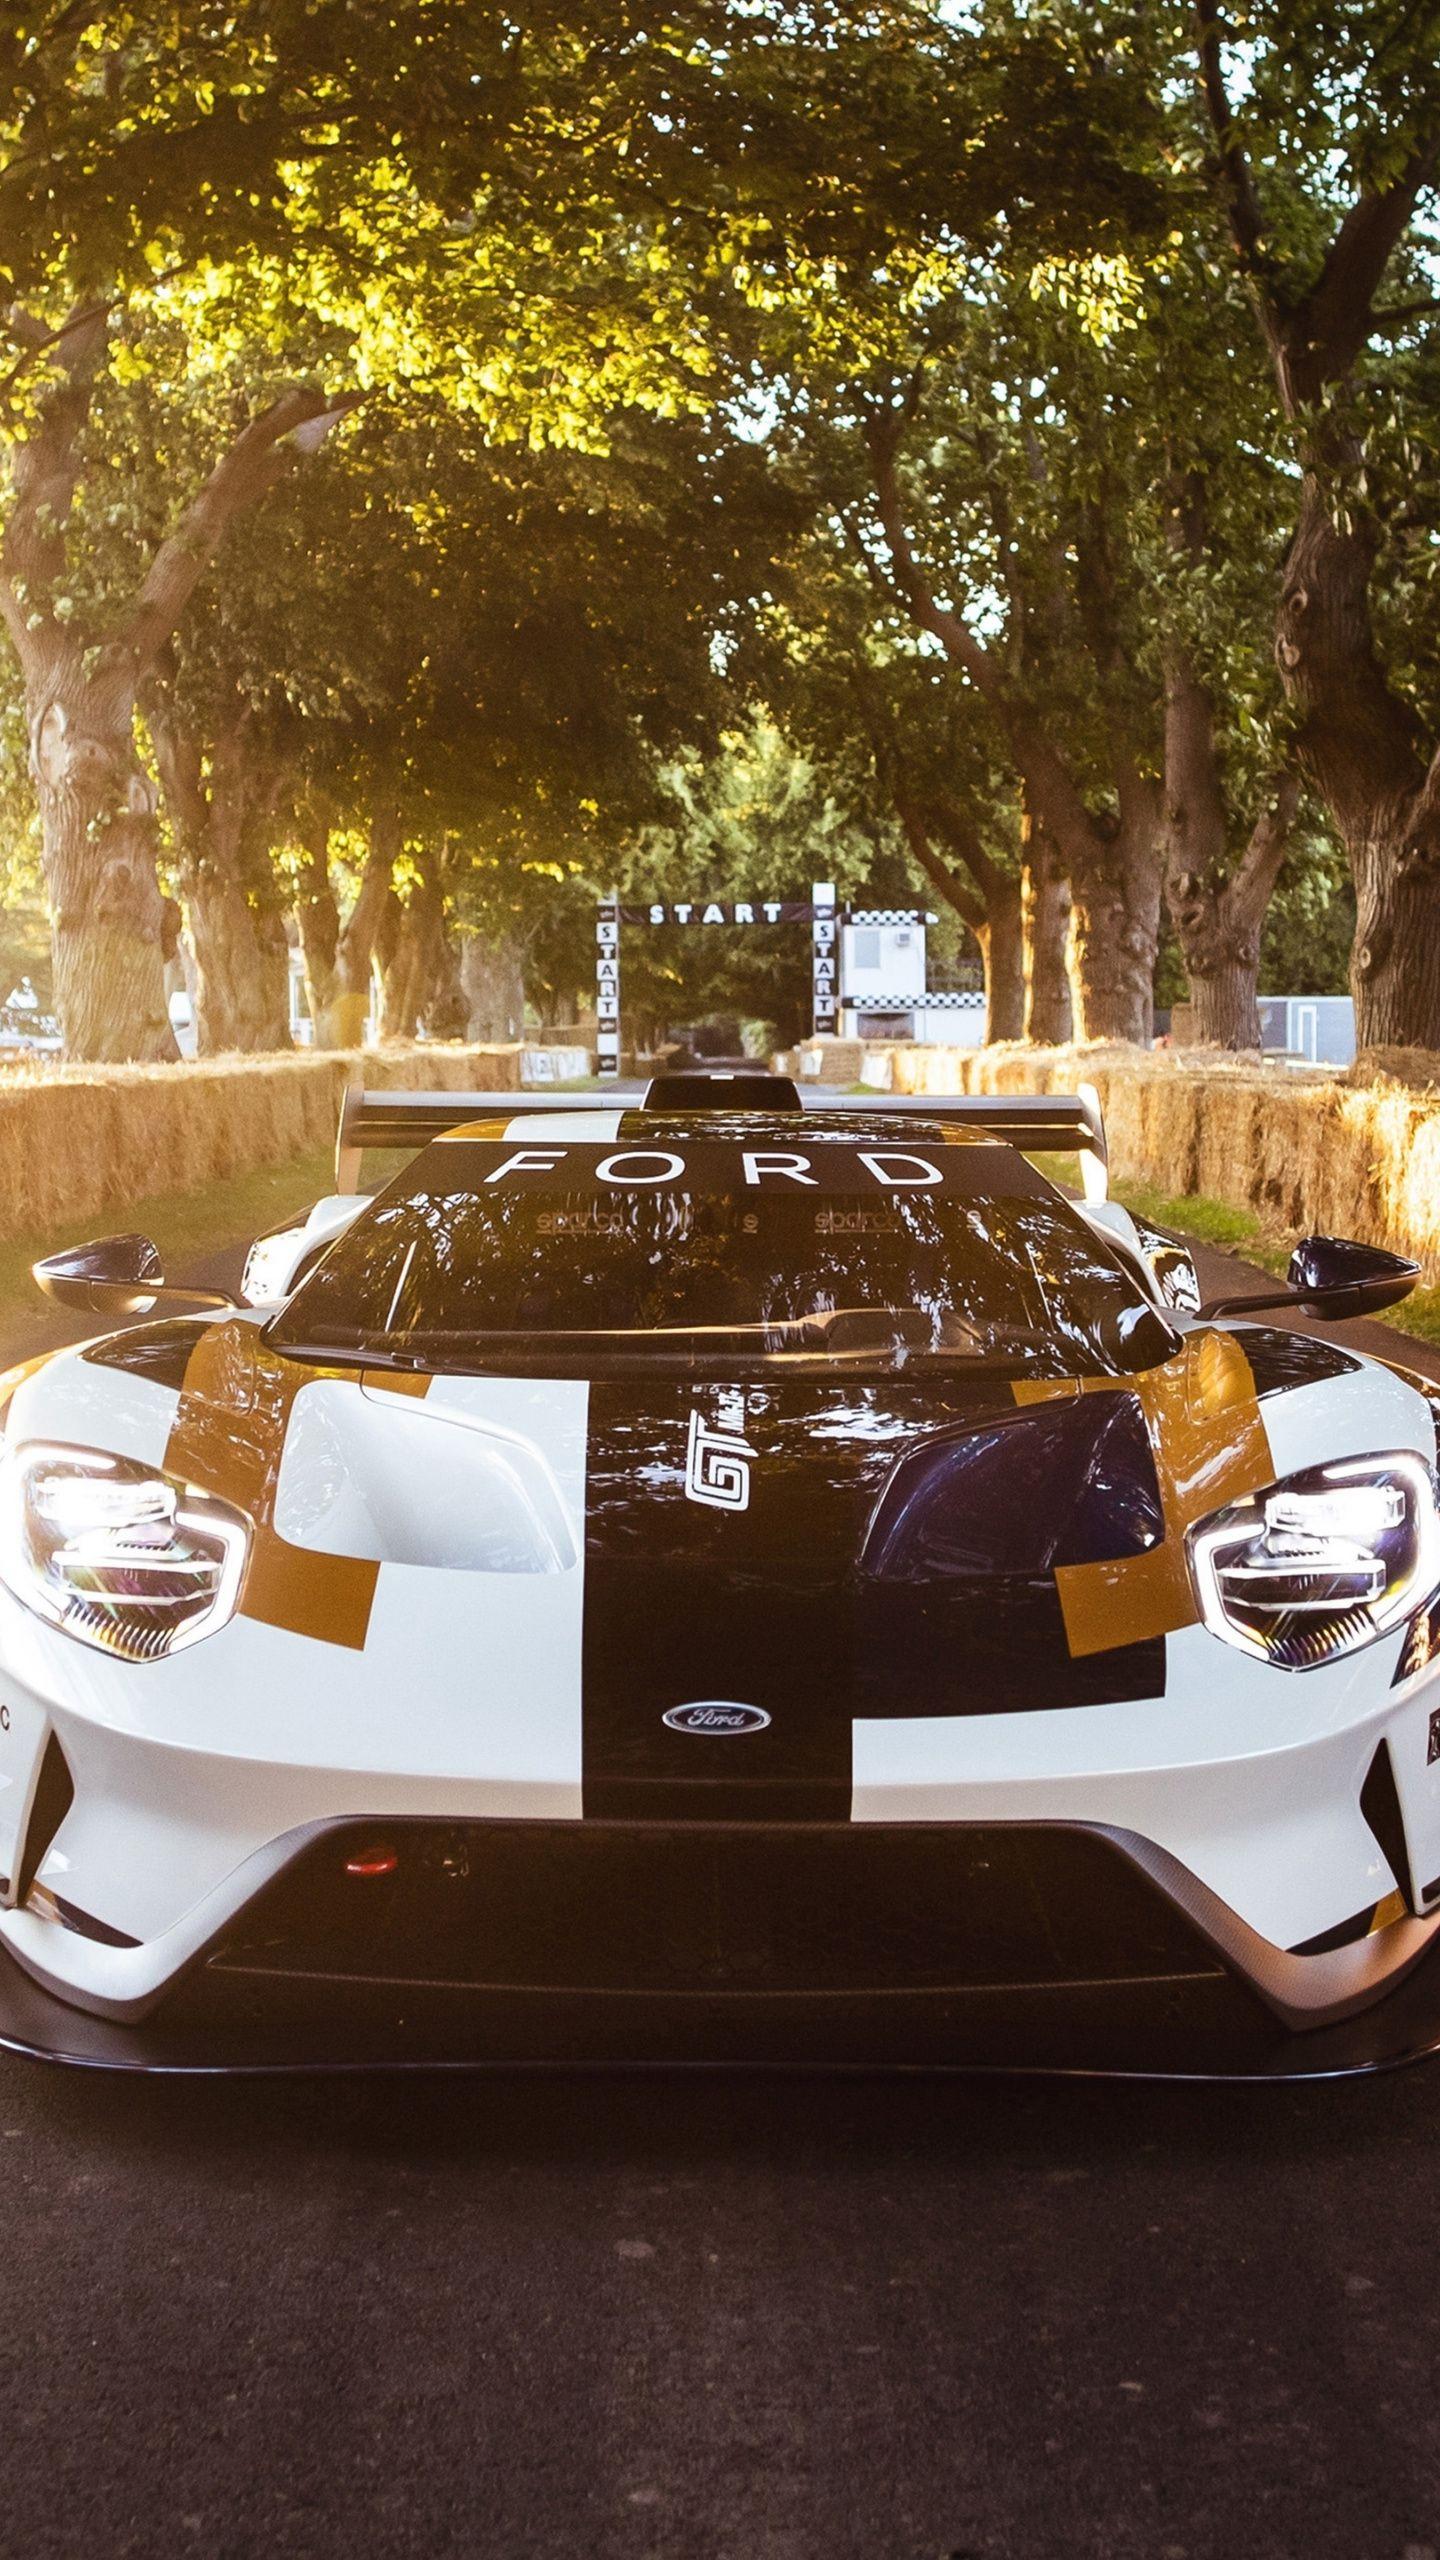 1440x2560 Ford Gt Mk Ii Car Wallpaper Ford Gt Dream Cars Jeep Super Cars